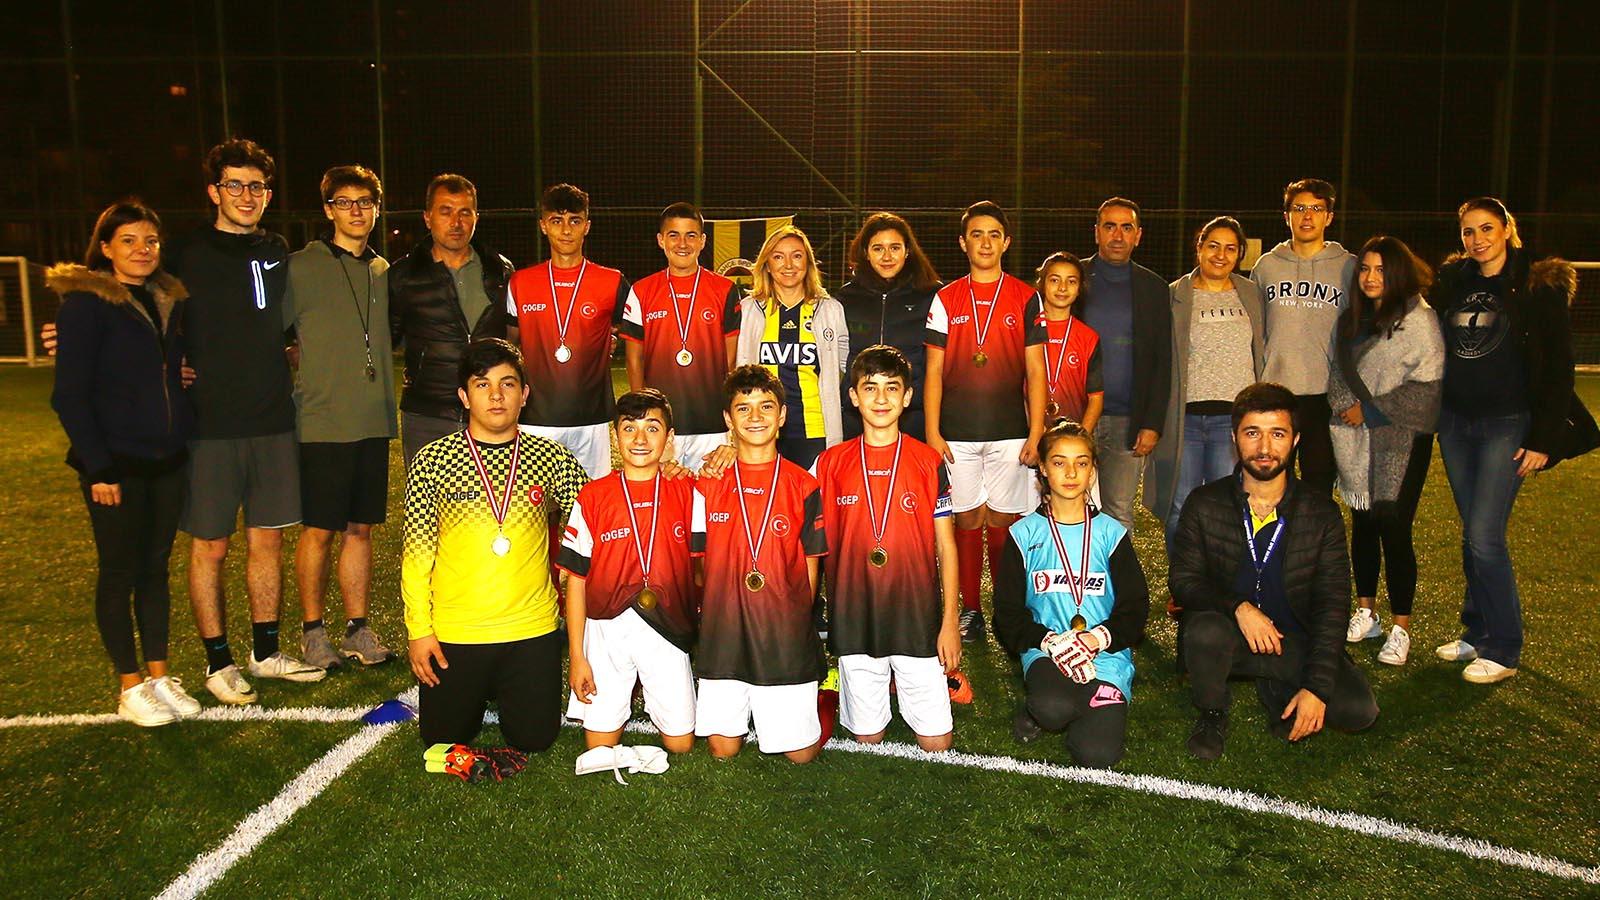 Çocuk ve Gençlik Kulübümüz, Halı Saha Turnuvası gerçekleştirdi